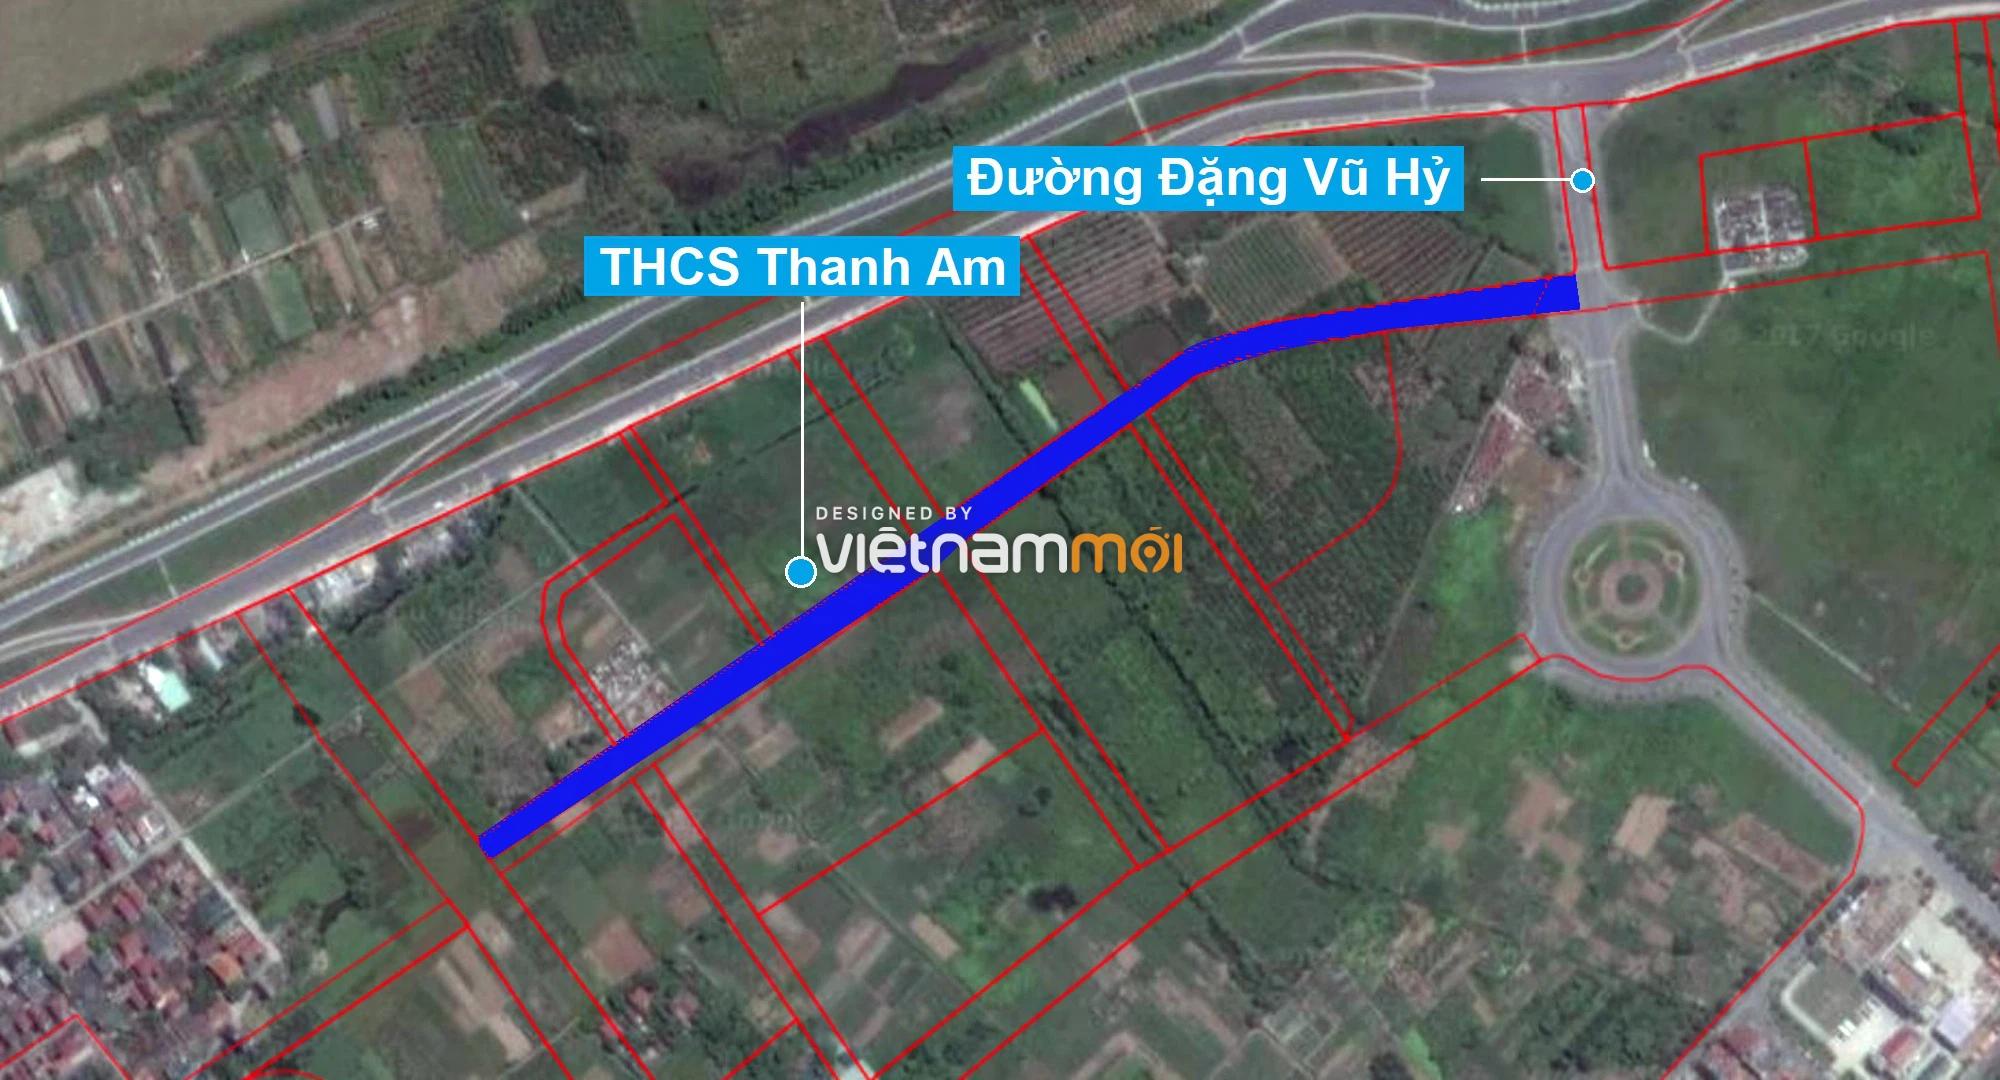 Những khu đất sắp thu hồi để mở đường ở phường Thượng Thanh, Long Biên, Hà Nội (phần 5) - Ảnh 10.